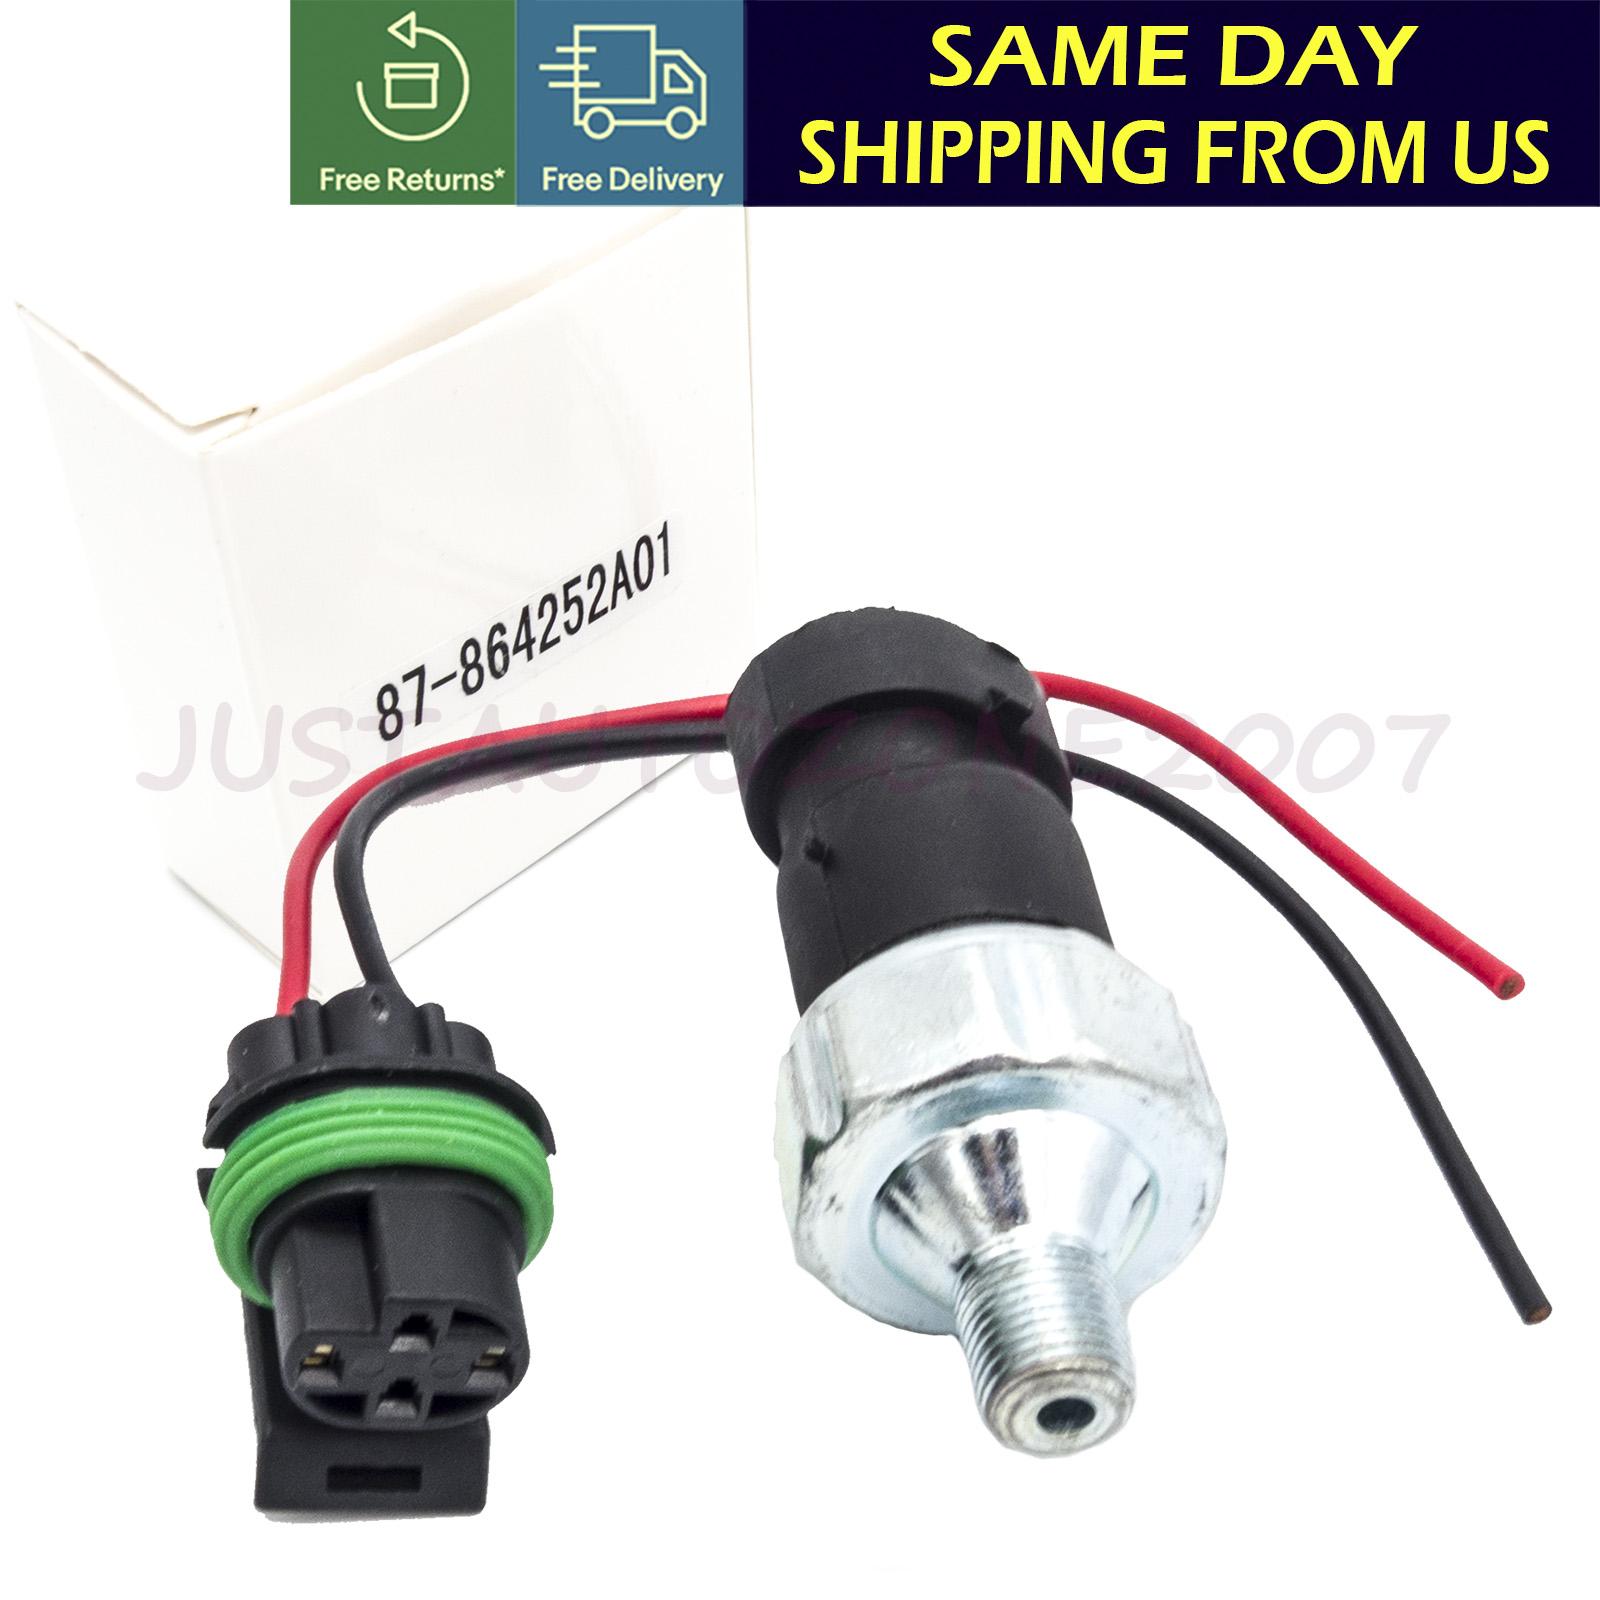 For MerCruiser Oil Pressure Fuel Pump Pressure Shut Sensor switch 87-864252a01